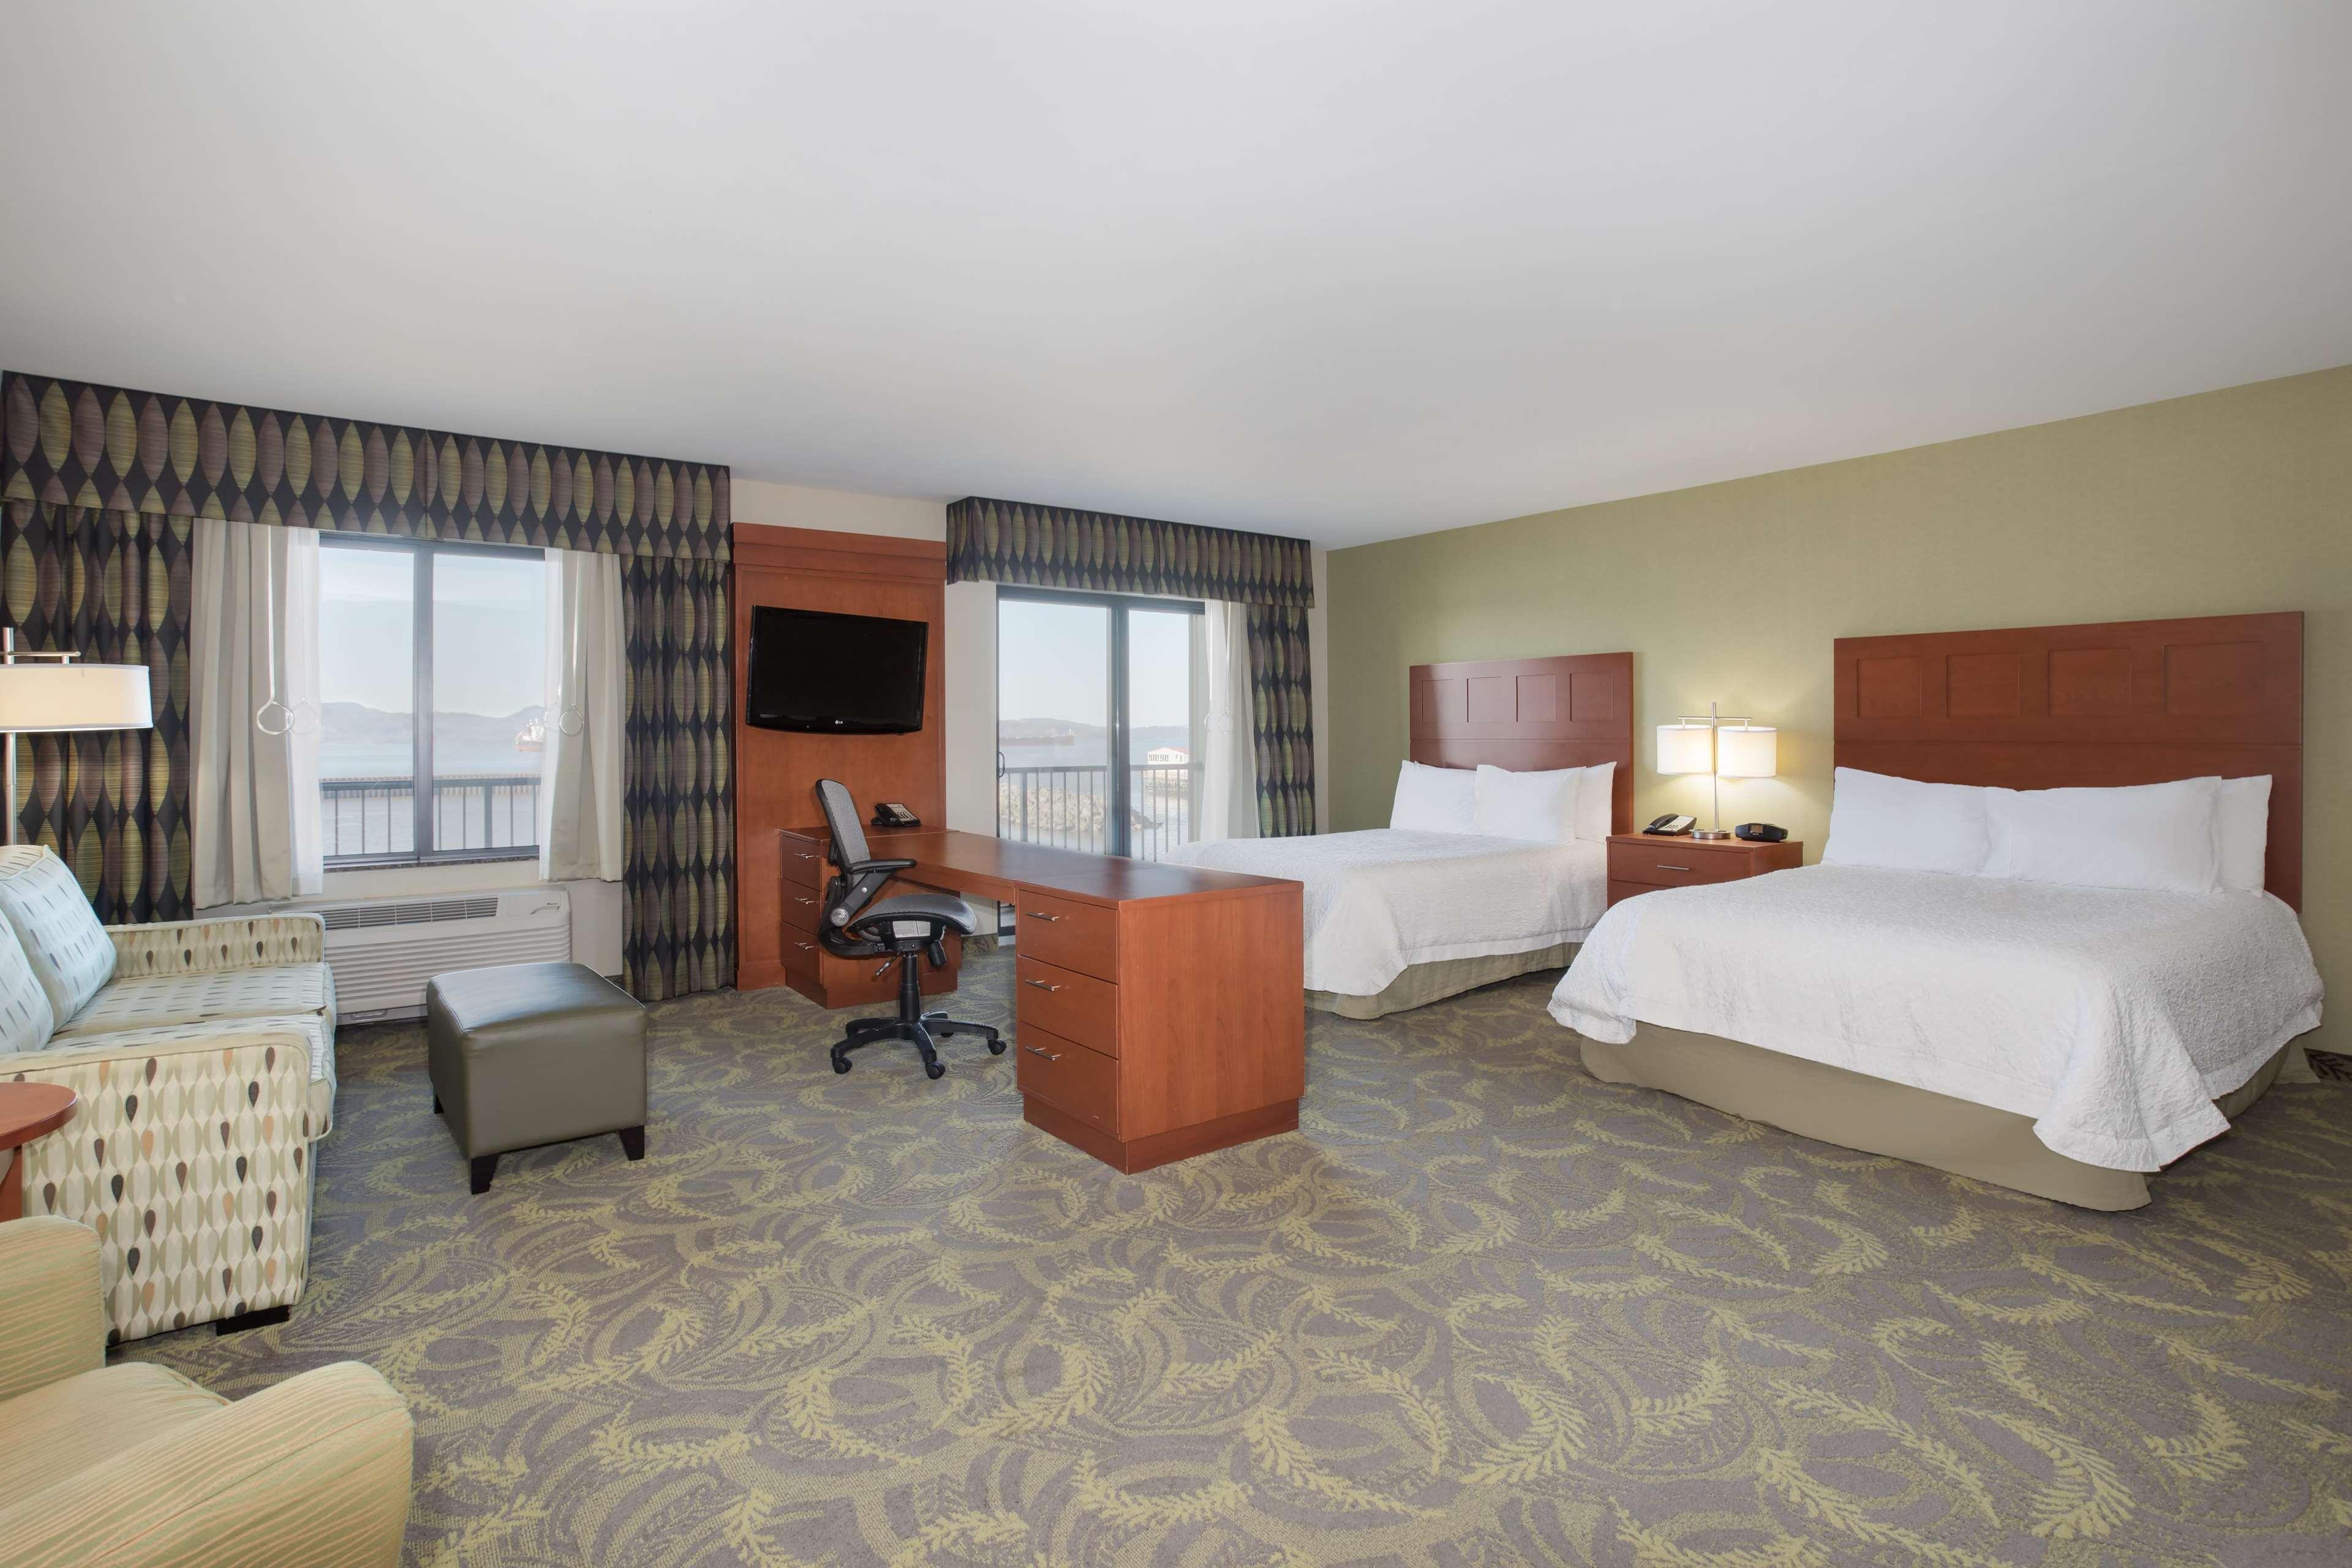 Hampton Inn & Suites Astoria image 31